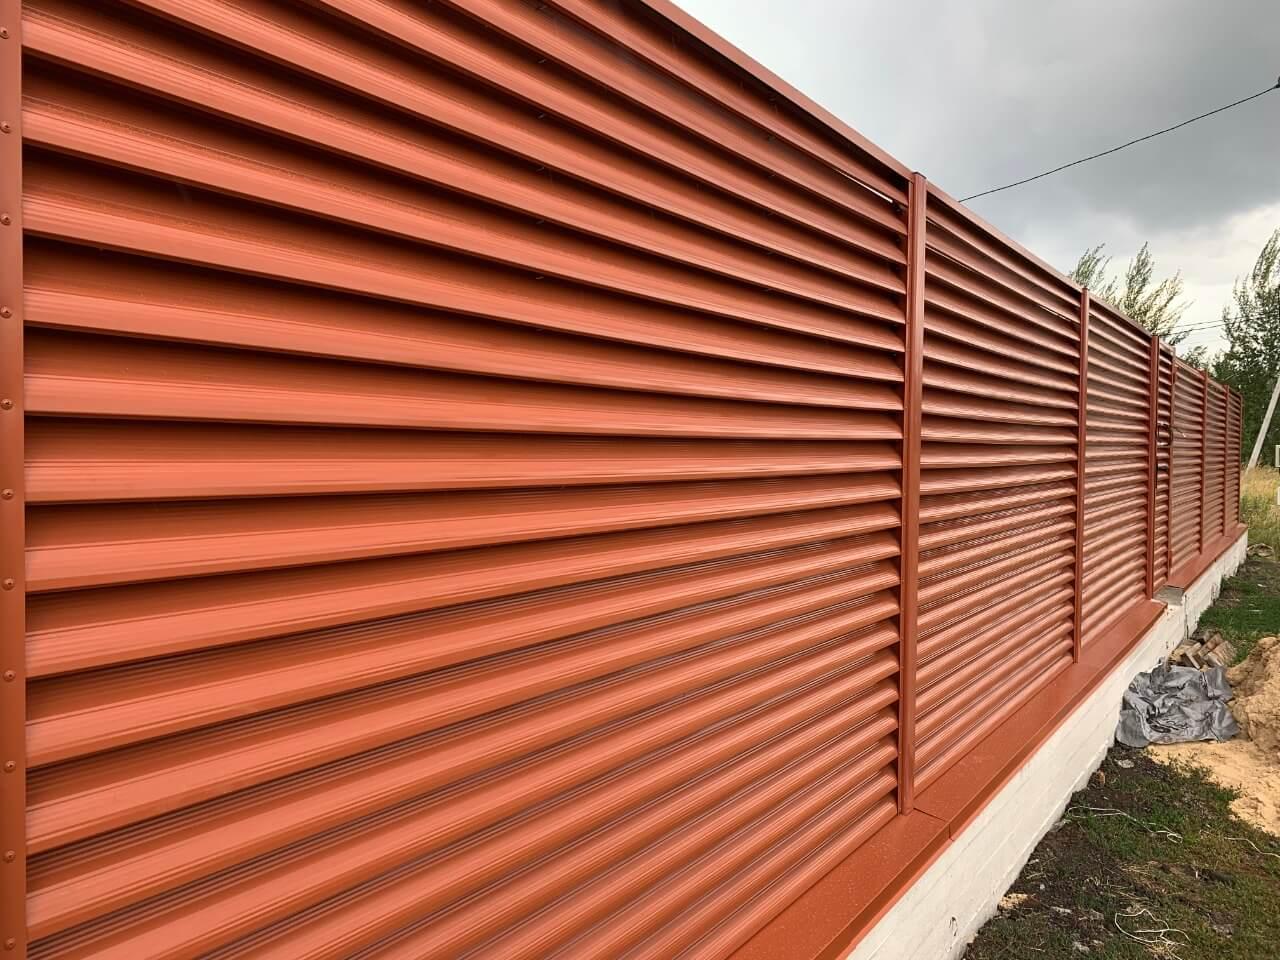 забор-жалюзи терракотовый фото4